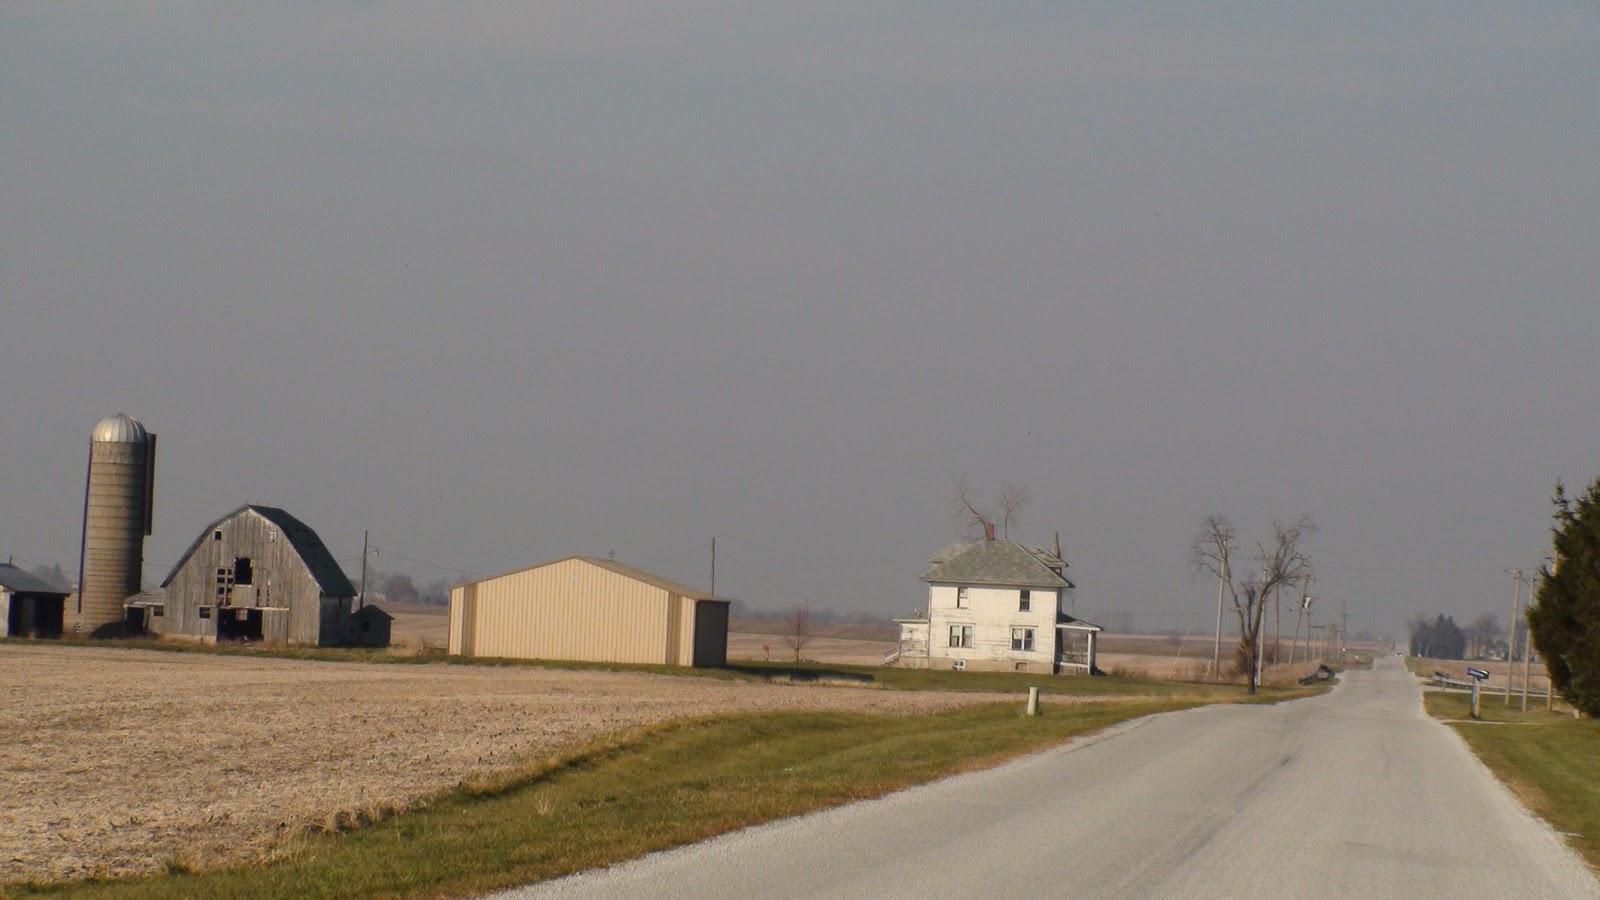 Illinois will county peotone - American Foursquare Farmhouse Near Peotone Illinois